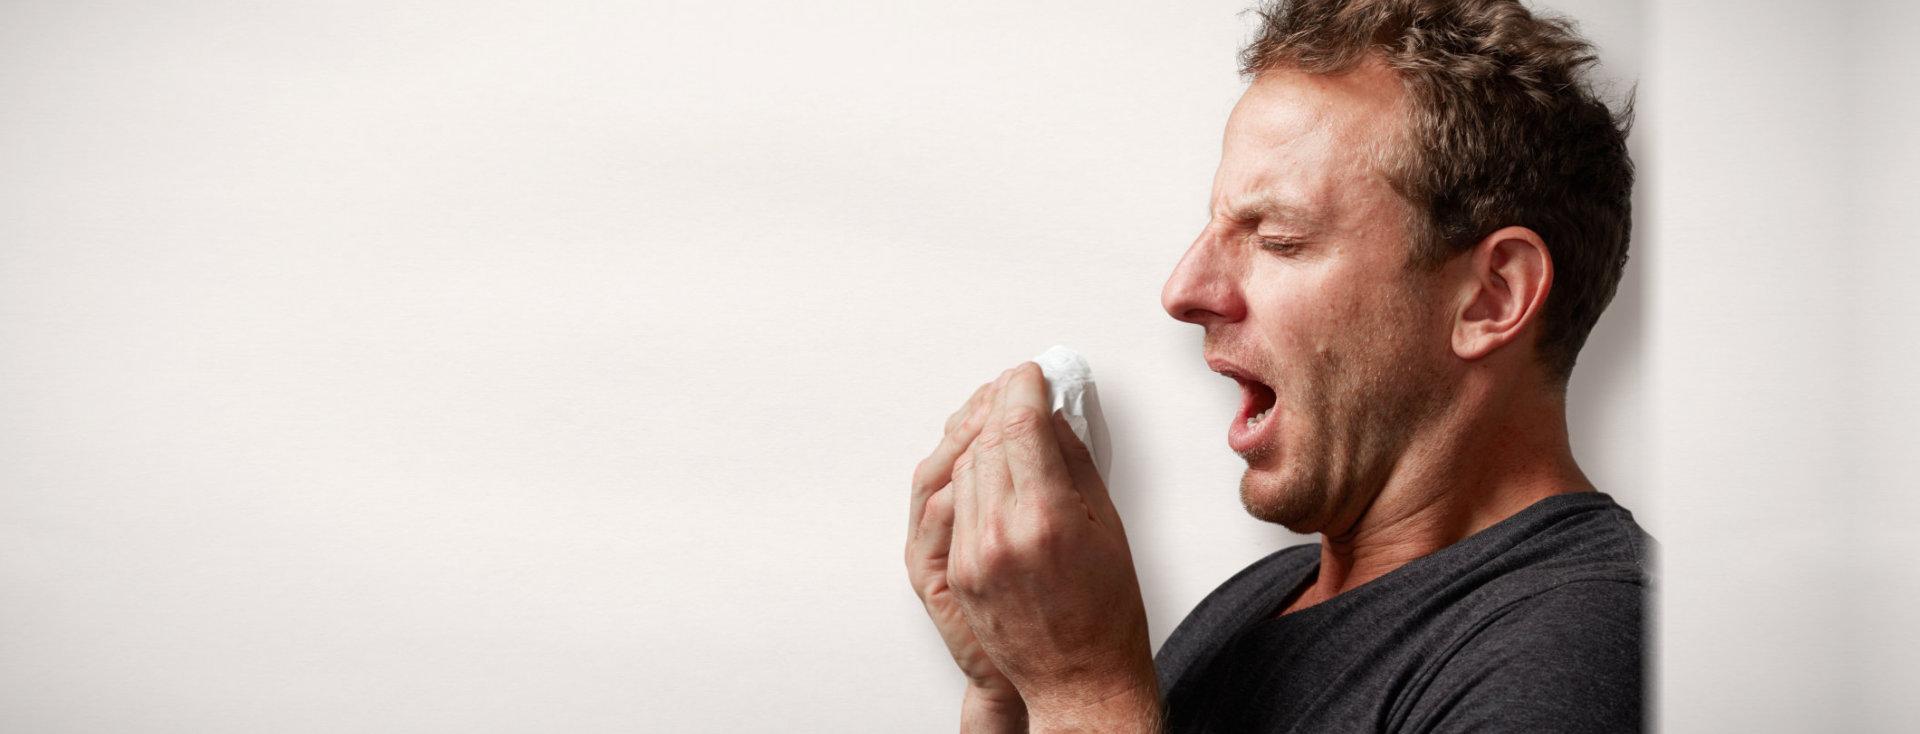 sneezing gent